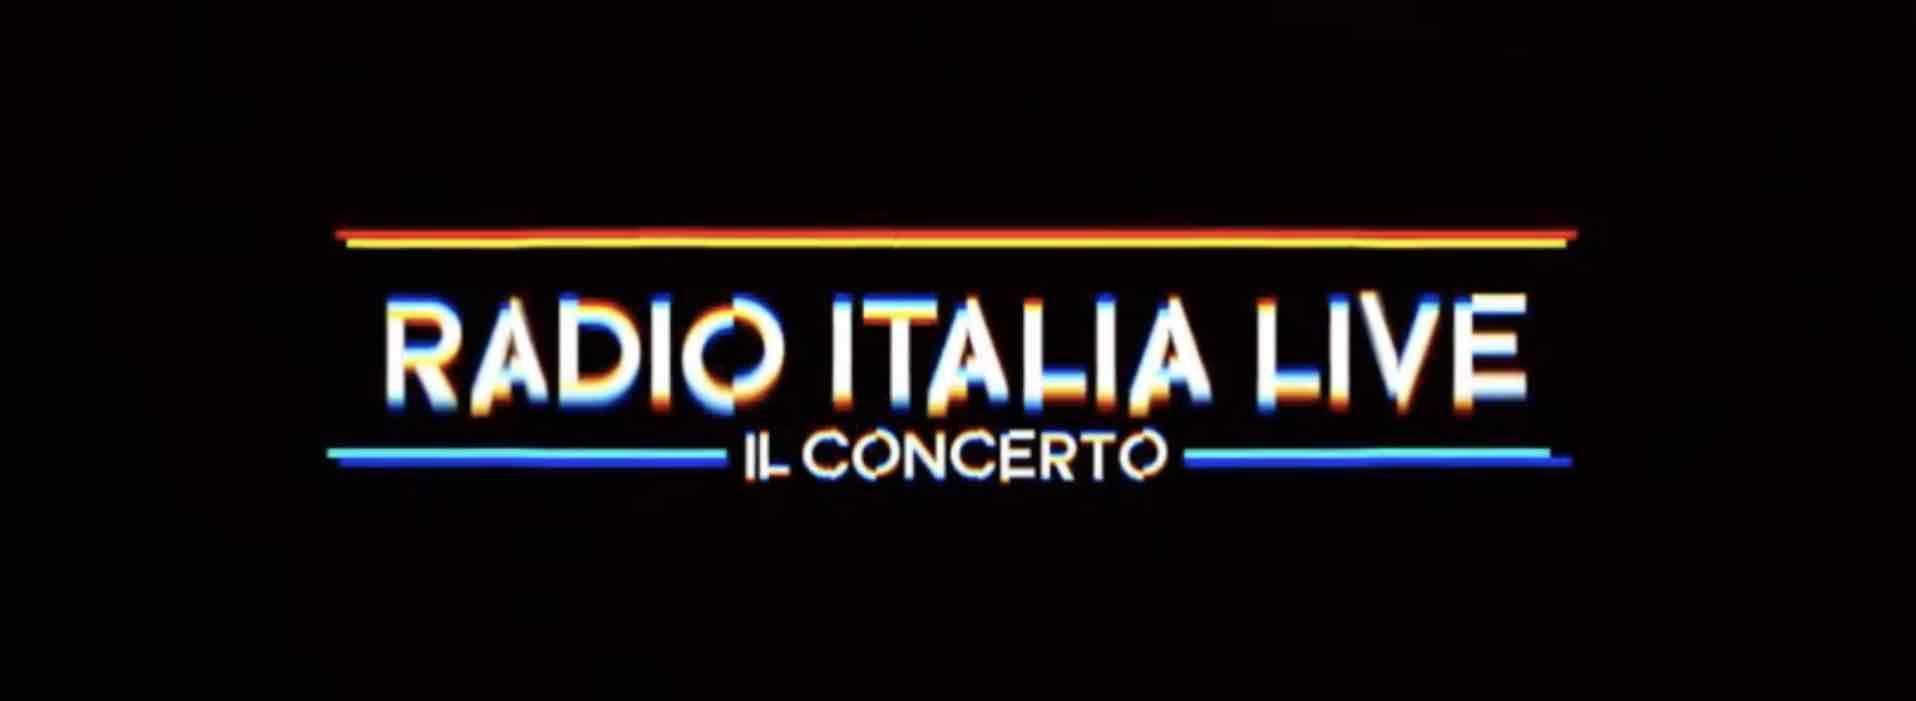 RadioItaliaLive - il concerto 2019: ecco i cantanti sul palco di Palermo